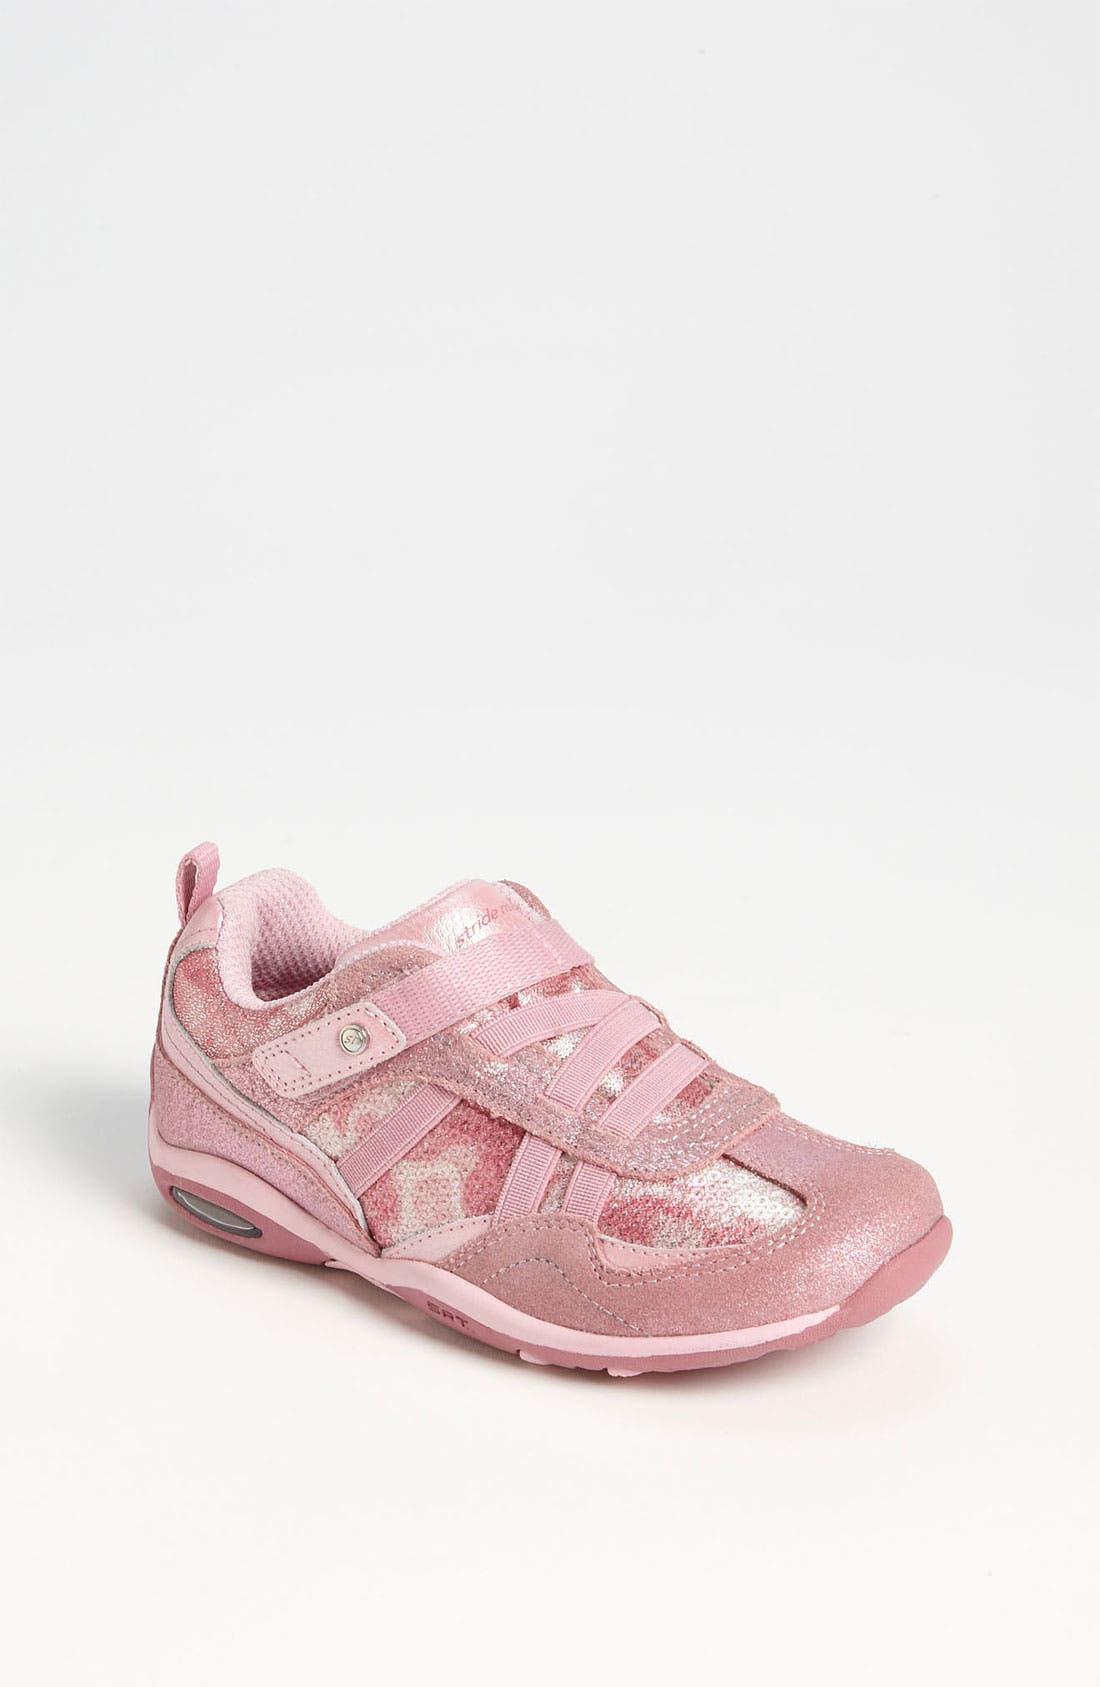 Main Image - Stride Rite 'Brandi' Sneaker (Toddler & Little Kid)